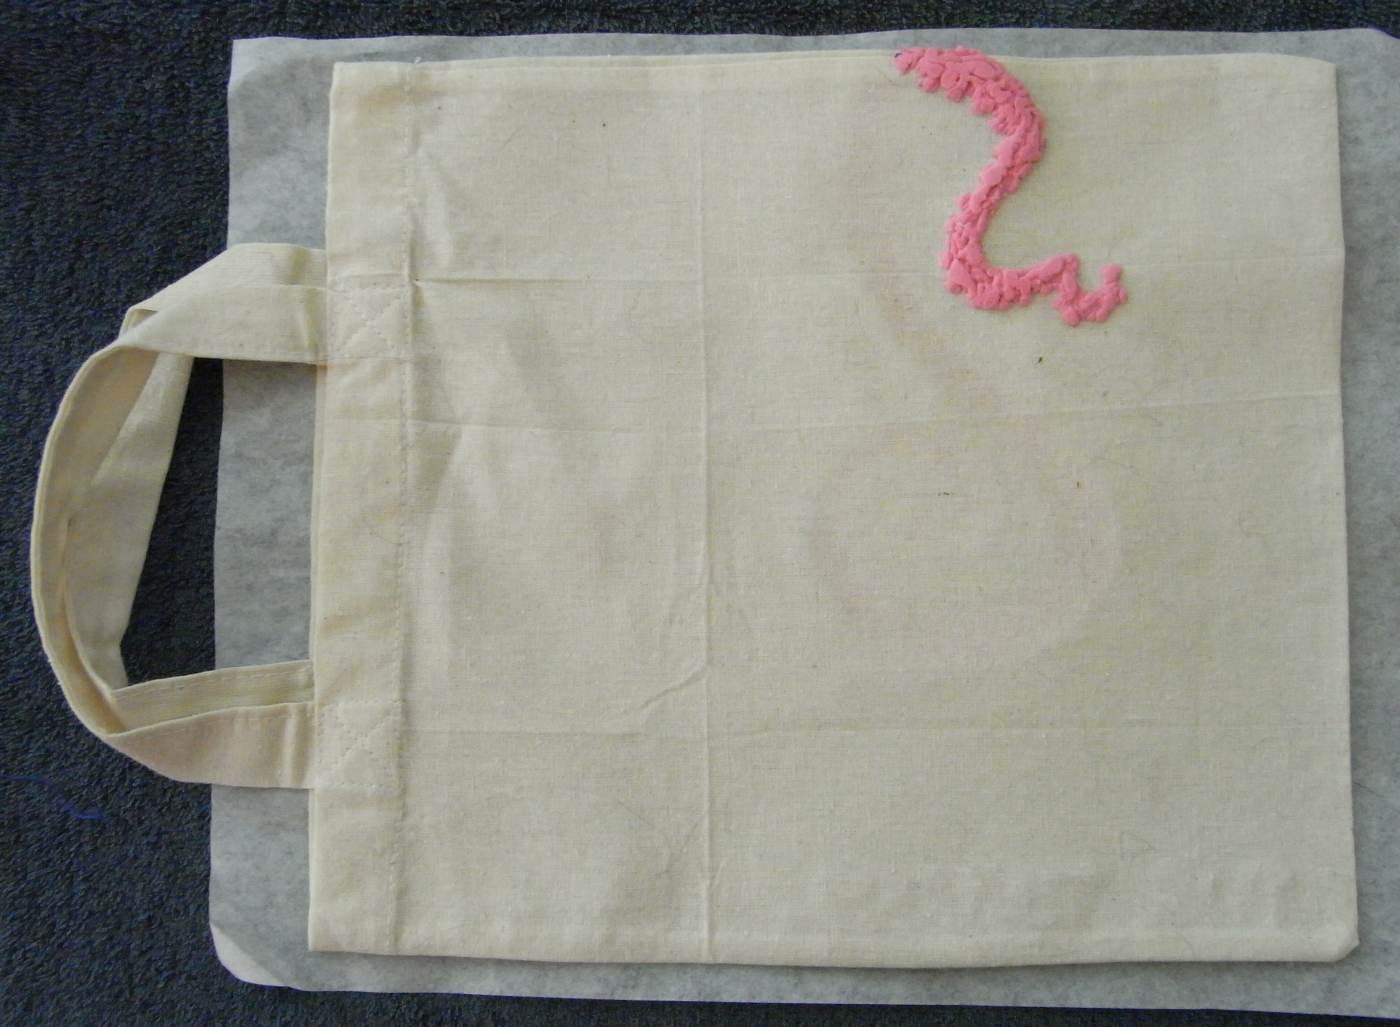 http://4.bp.blogspot.com/_j5LHPT8defo/S8Dc2bost7I/AAAAAAAAAmI/LAPsH3umG6E/s1600/pink+tentacle+back.jpg